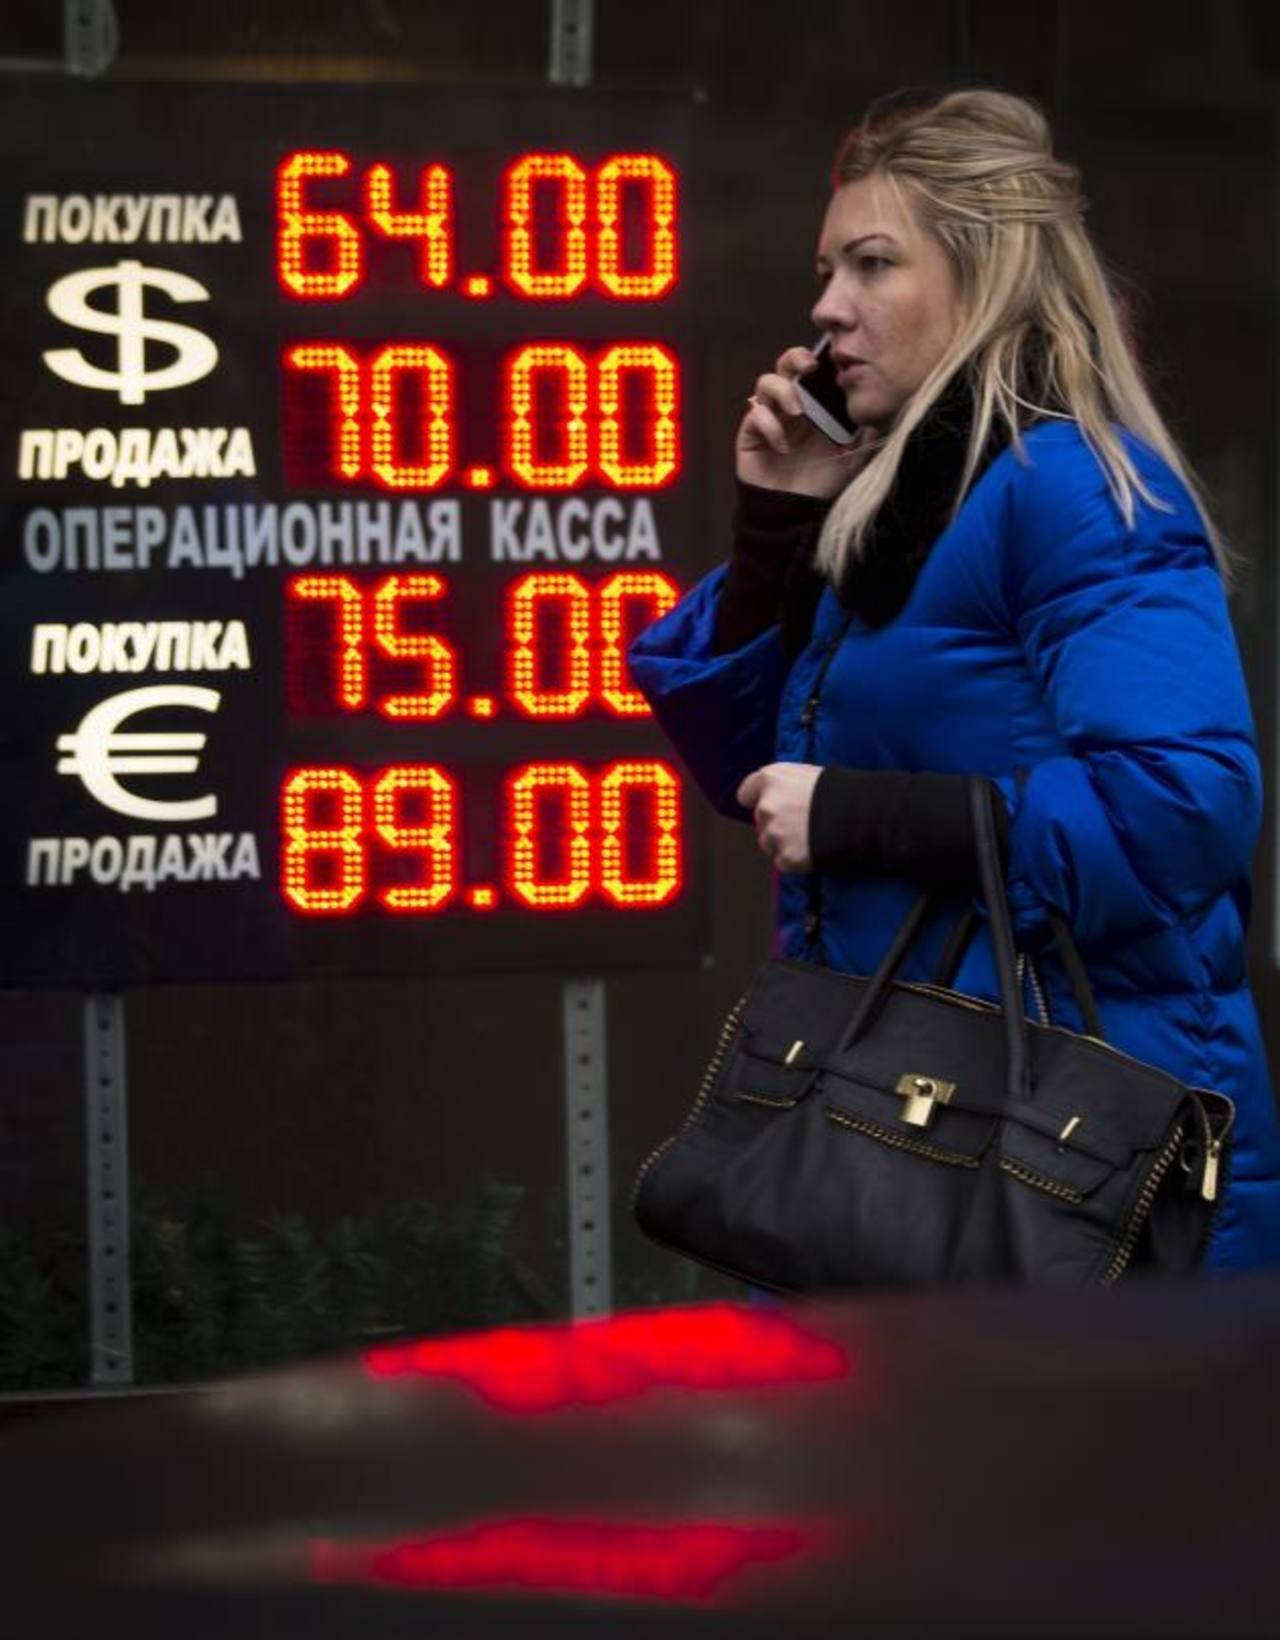 La depreciación del rublo y la crisis con Ucrania han afectado de gran manera el desempeño económico de Rusia en el bloque de países. Foto edh / Archivo